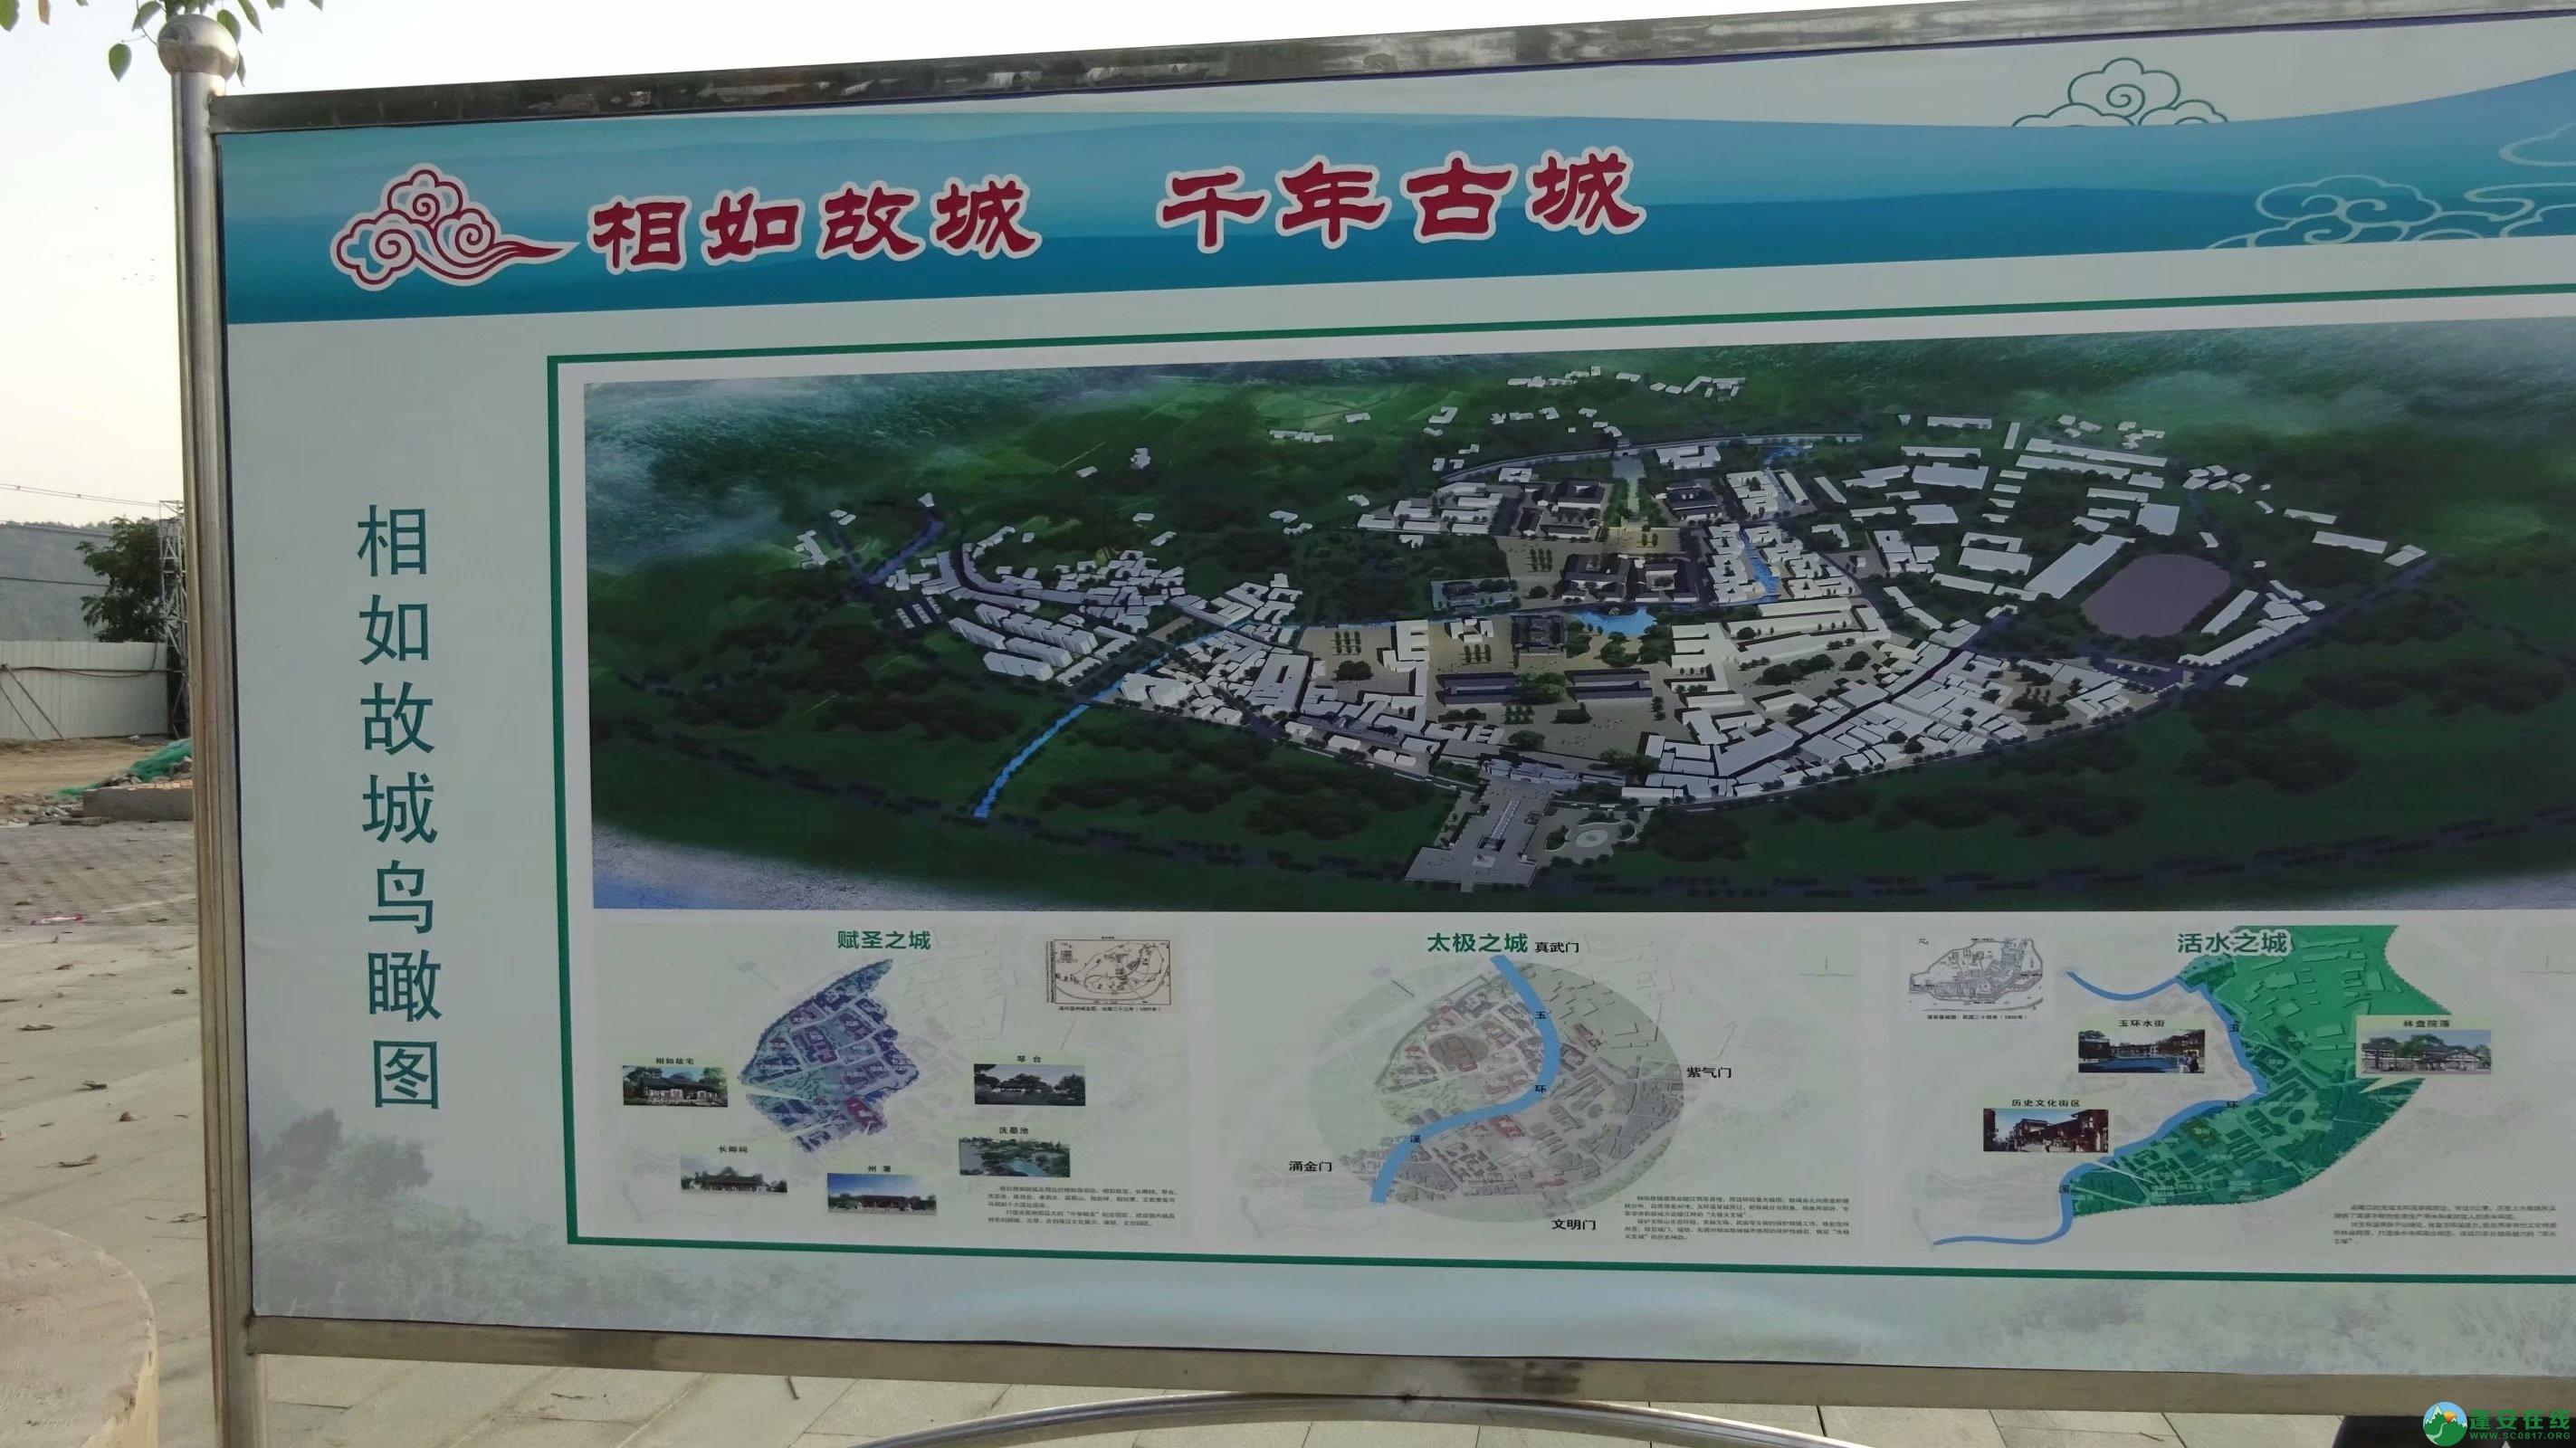 蓬安锦屏新区大建设 - 第2张  | 蓬安在线